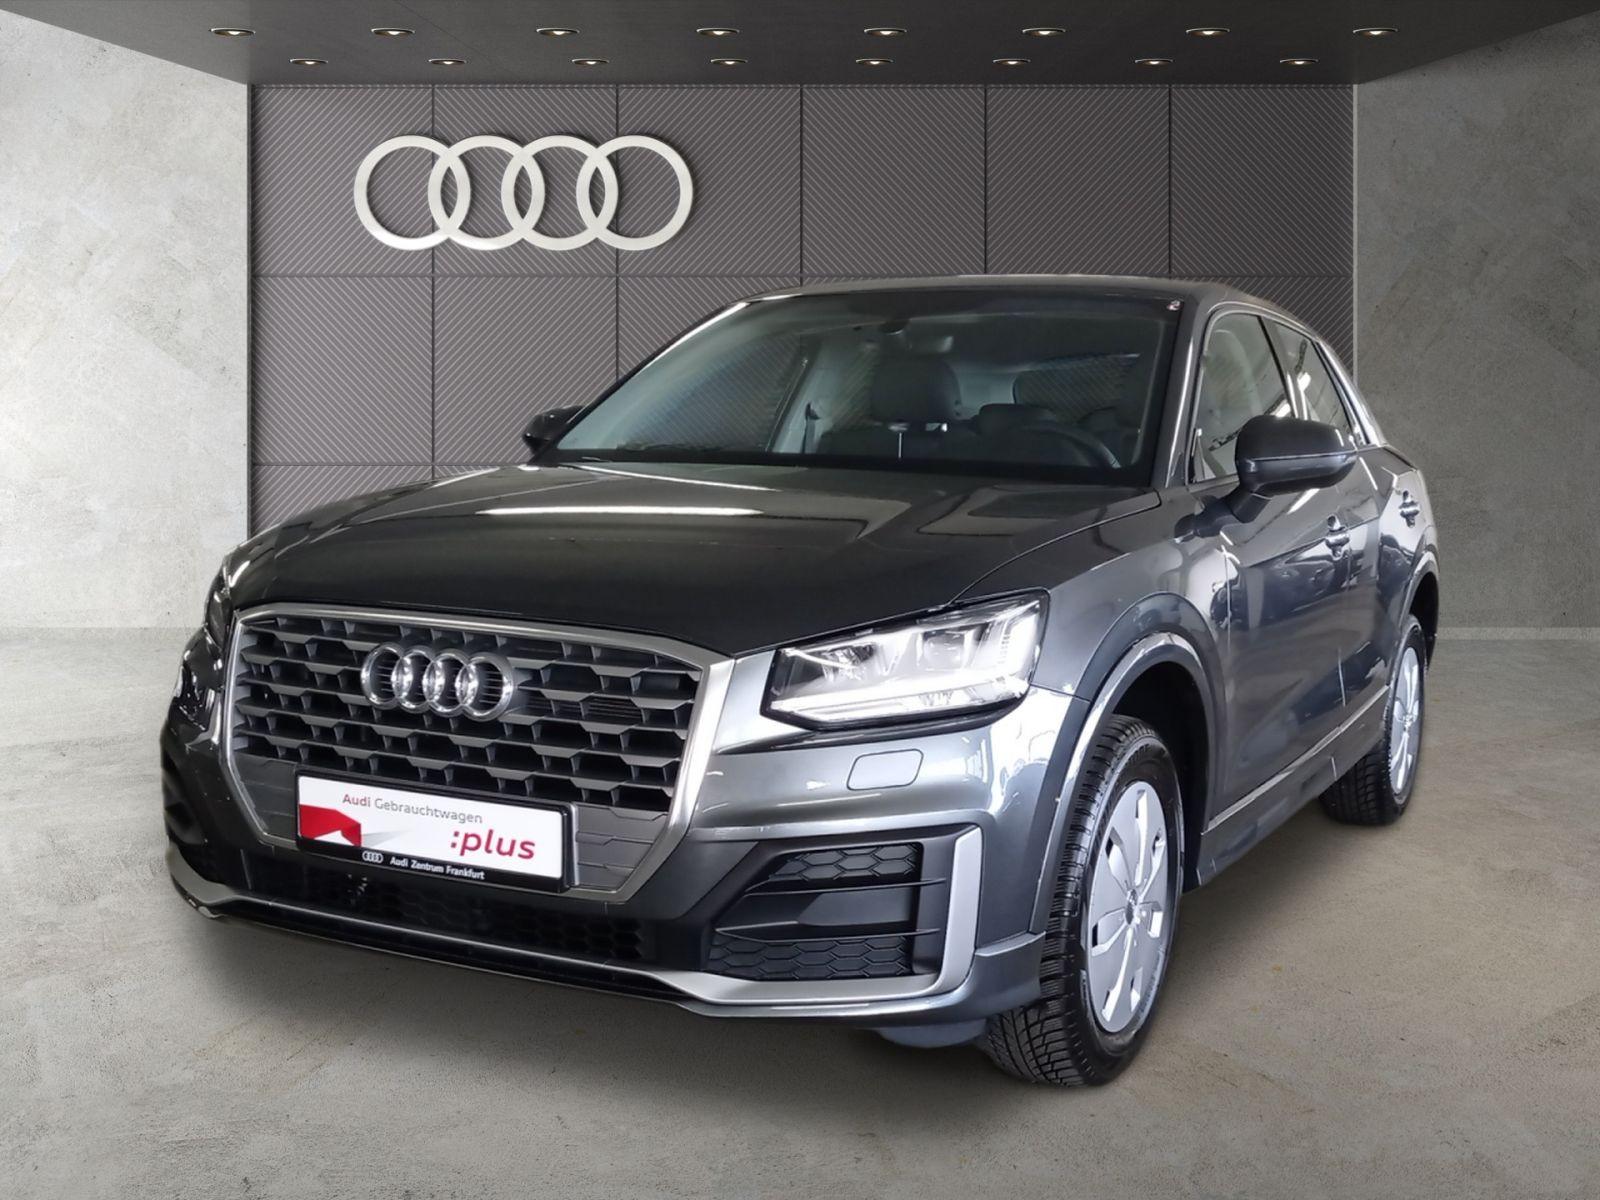 Audi Q2 30 TFSI advanced sport S line LED Navi DAB Tempomat, Jahr 2020, Benzin